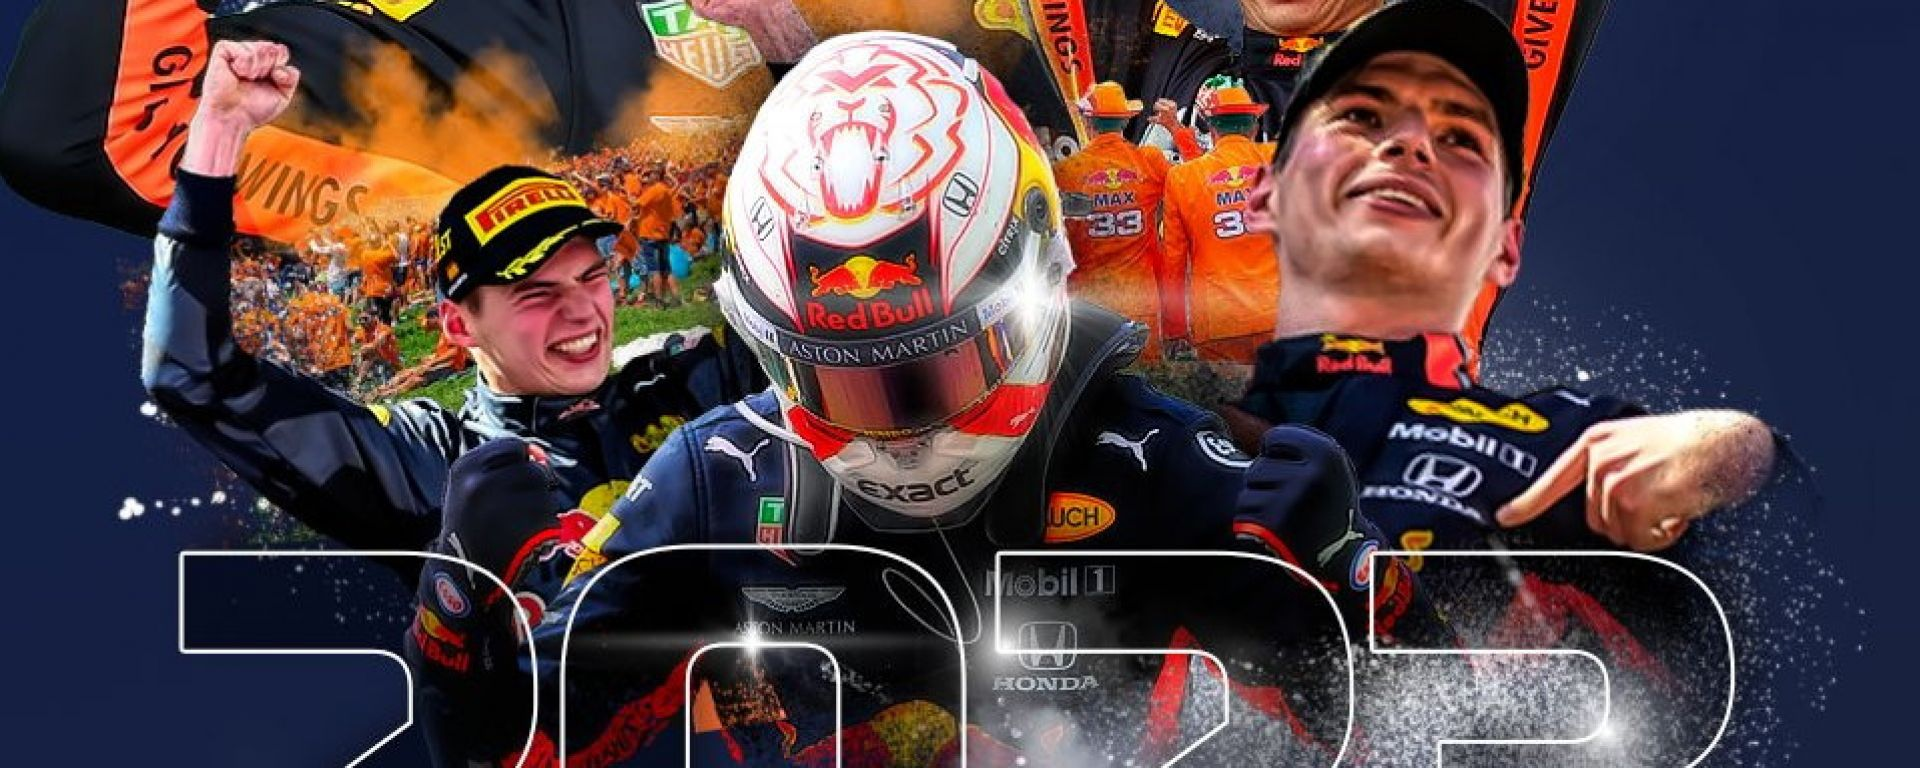 Verstappen 2023 Red Bull